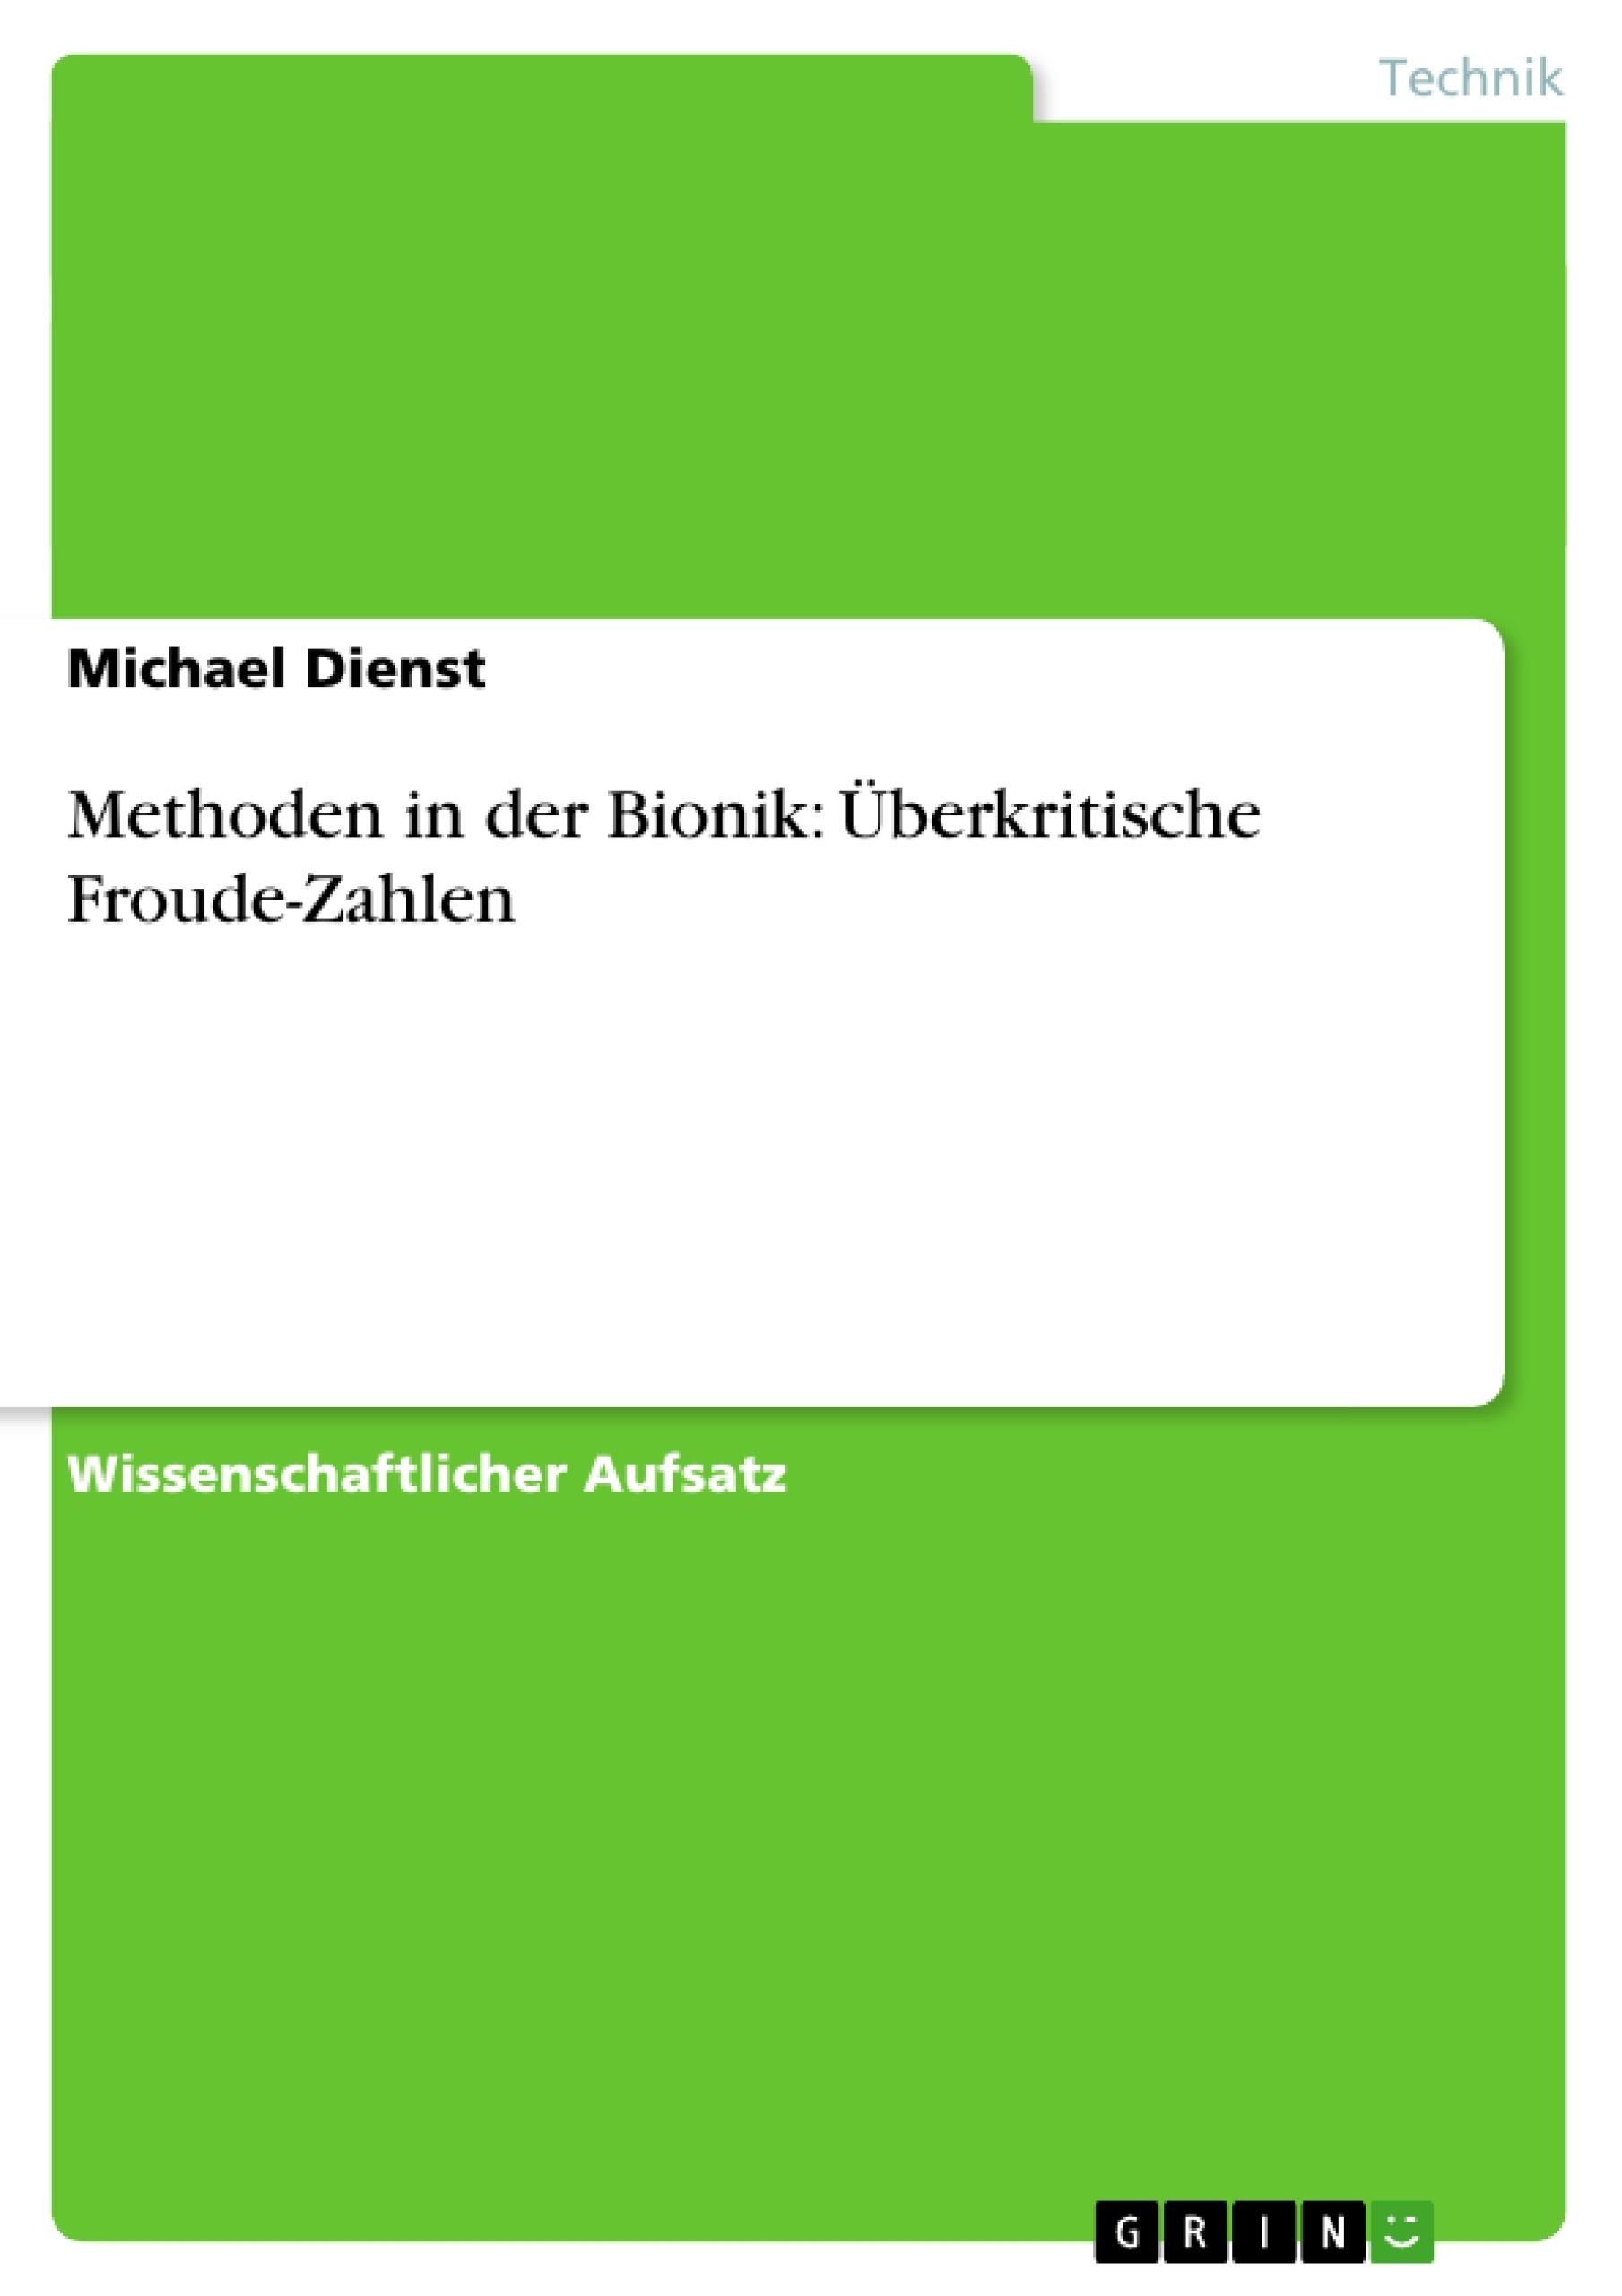 Titel: Methoden in der Bionik: Überkritische Froude-Zahlen